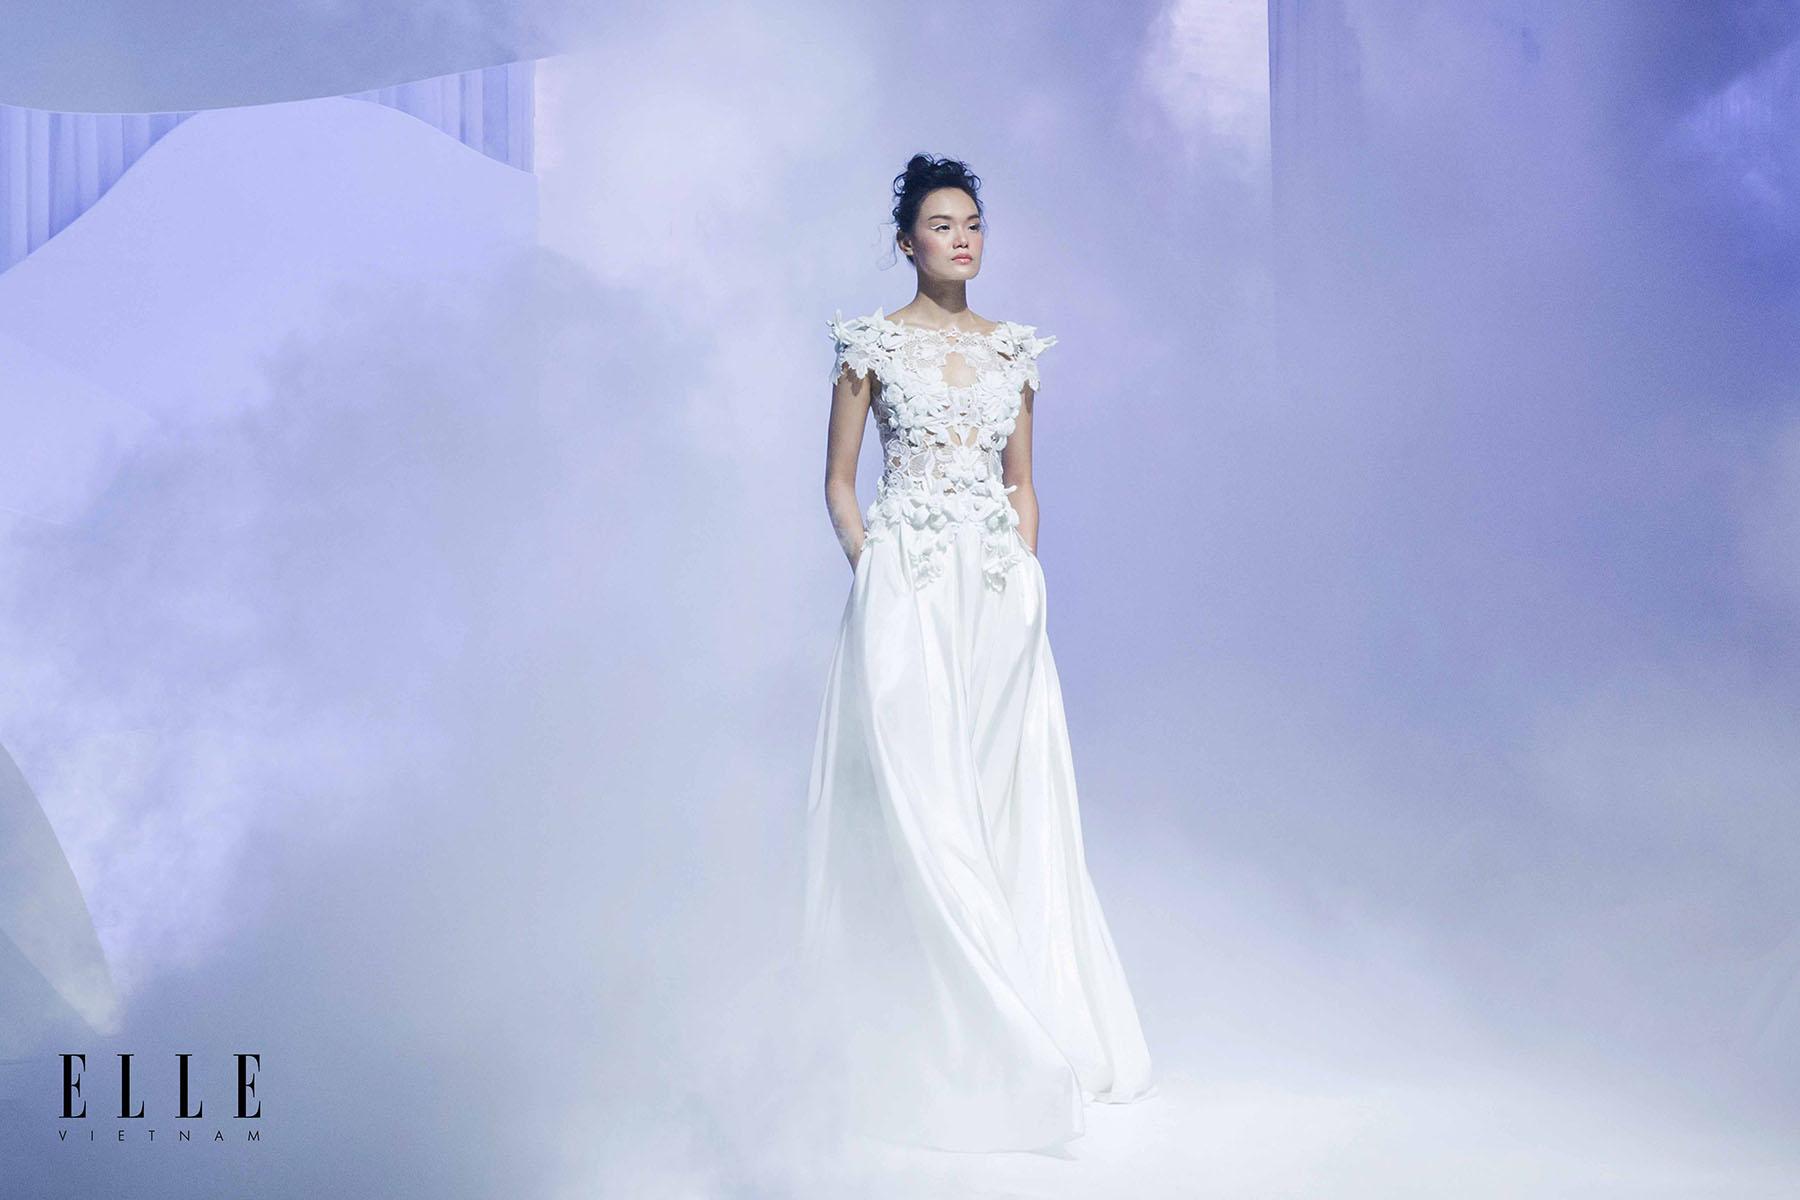 NTK Trương Thanh Hải BST váy cưới cùng thiết tế lộng lẫy từ những cánh hoa